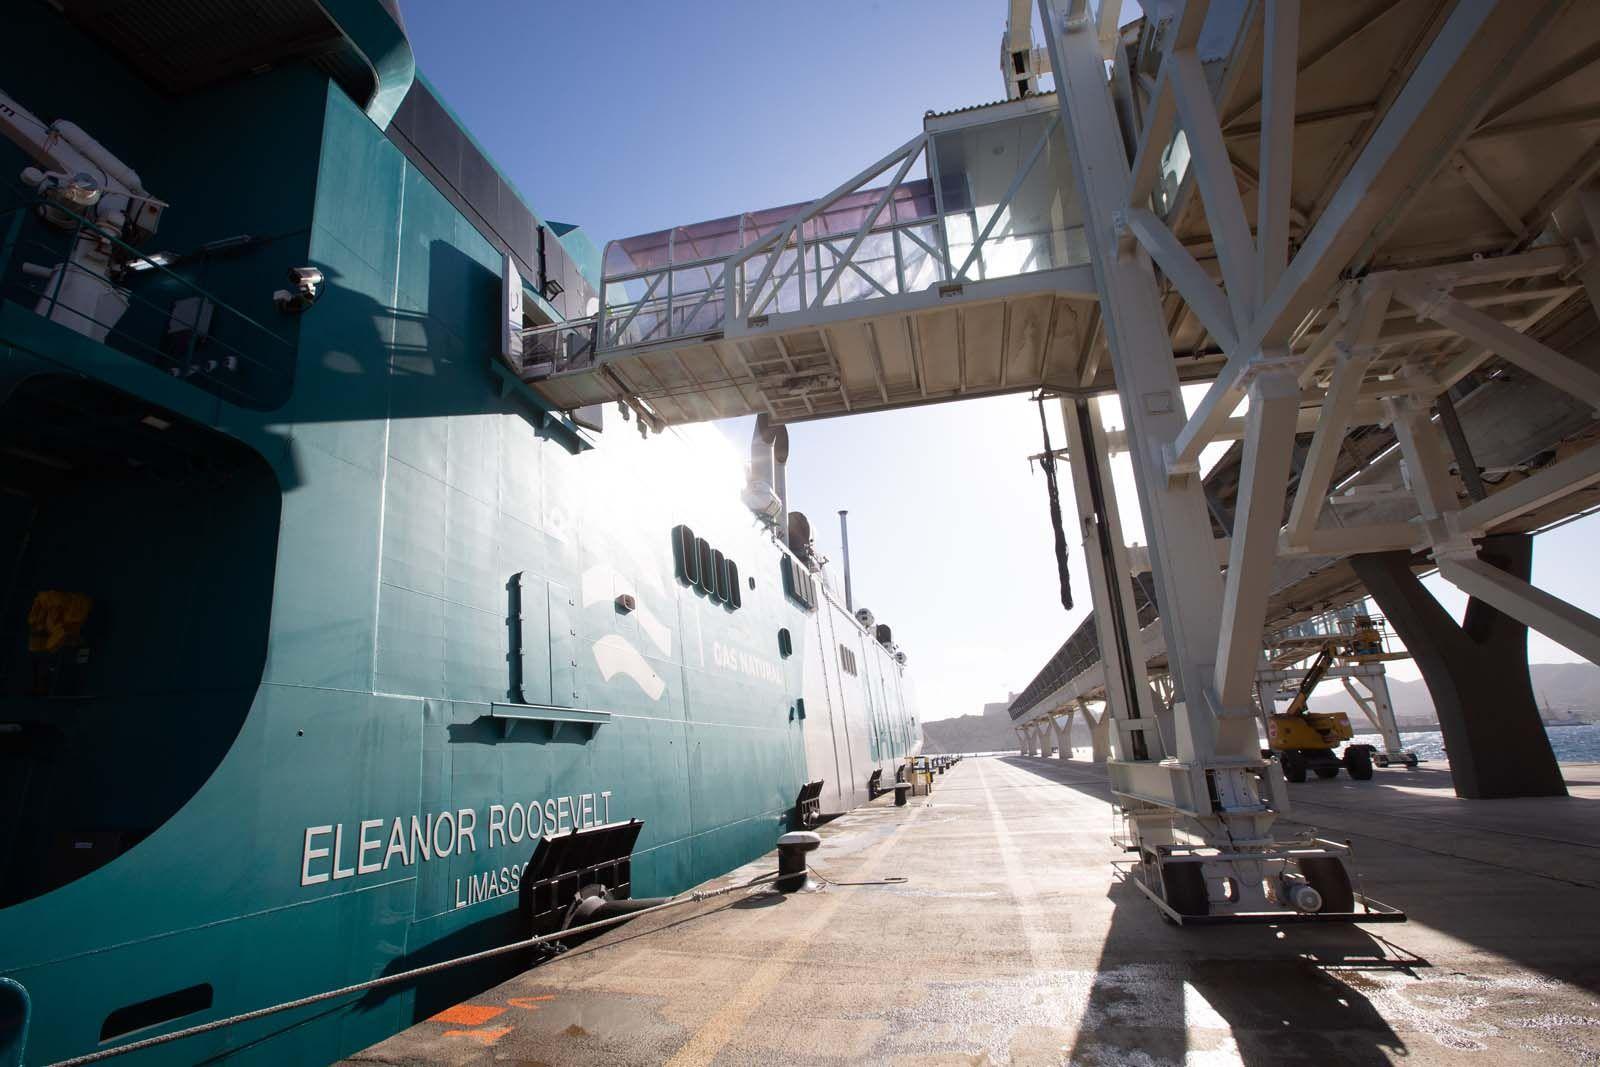 Inauguración del nuevo barco de Baleària, Eleonor Roosevelt.